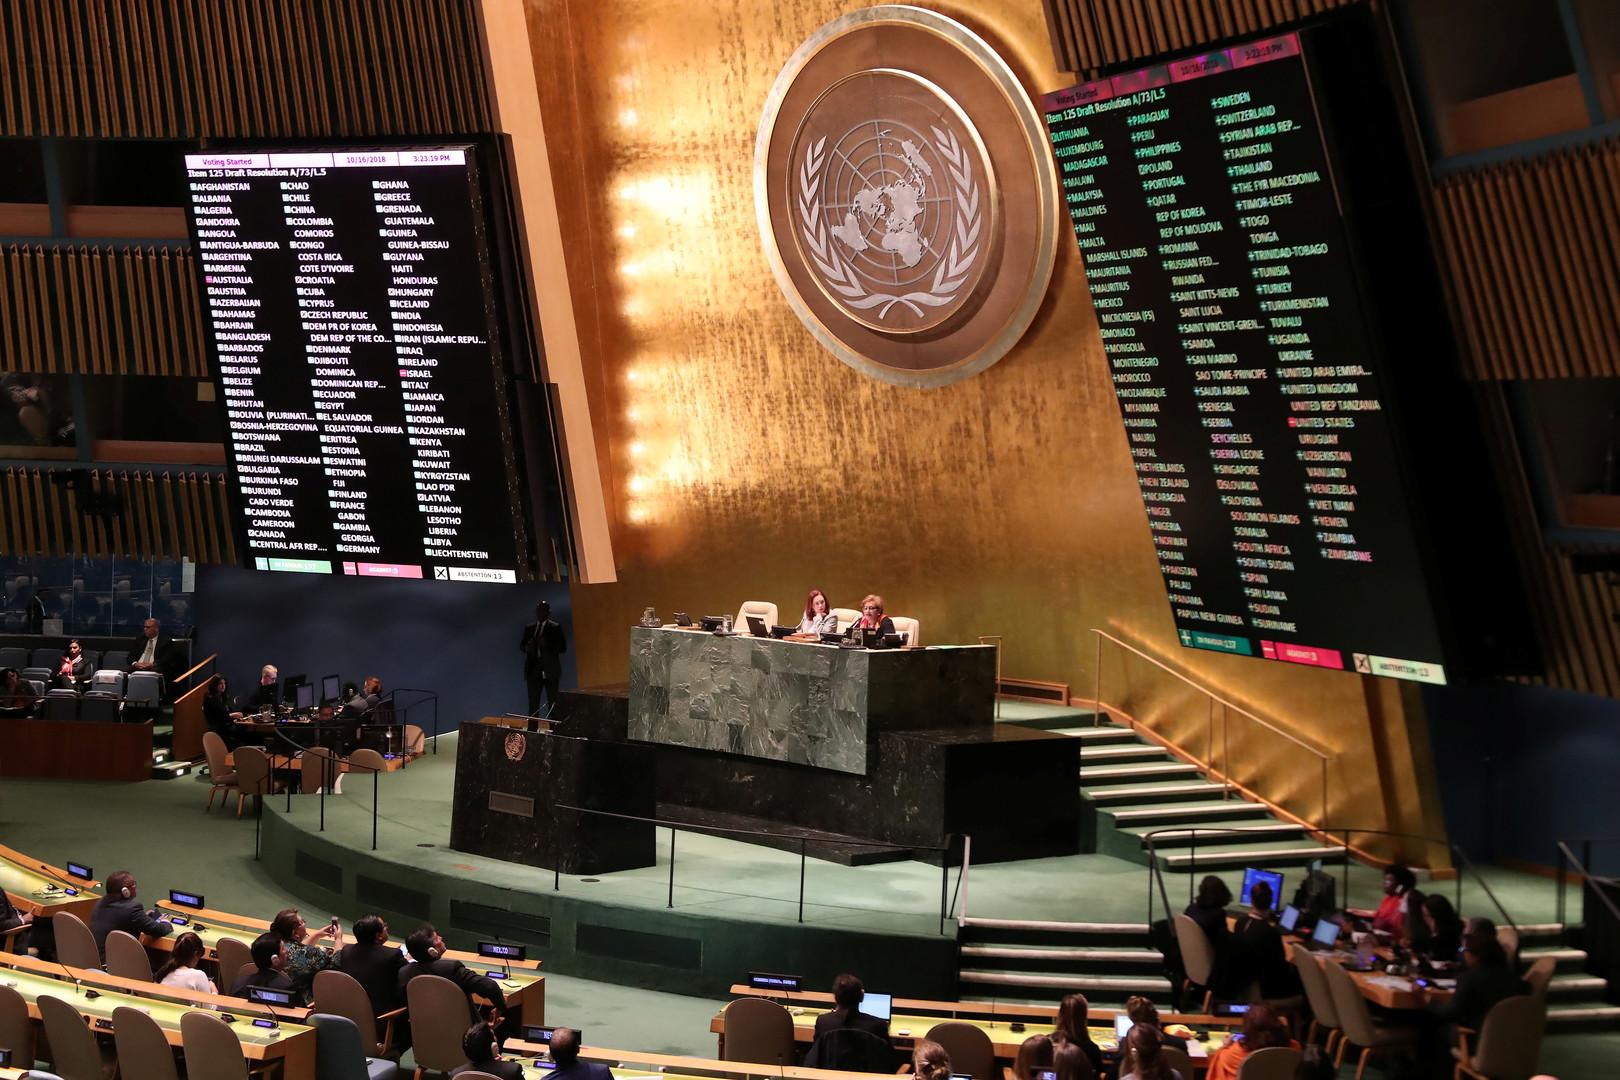 الأمم المتحدة تنتصر لموريشيوس ضد بريطانيا